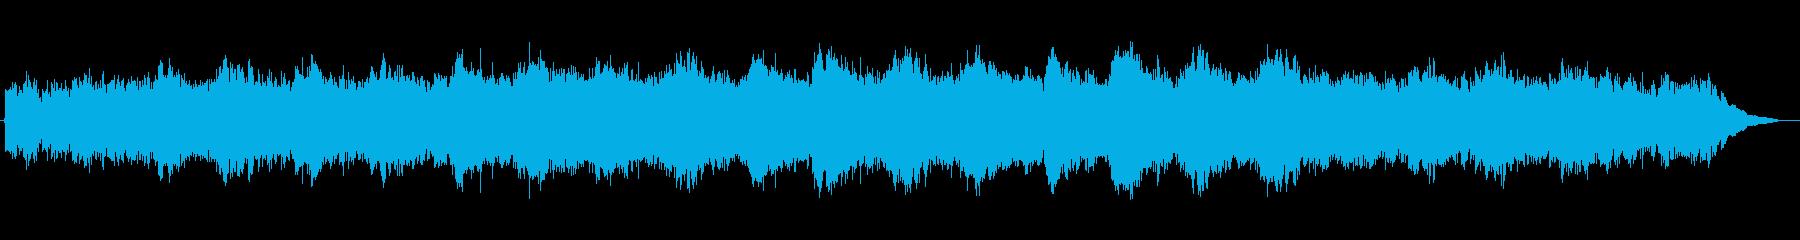 荘厳なシンセサイザーのインスト曲の再生済みの波形